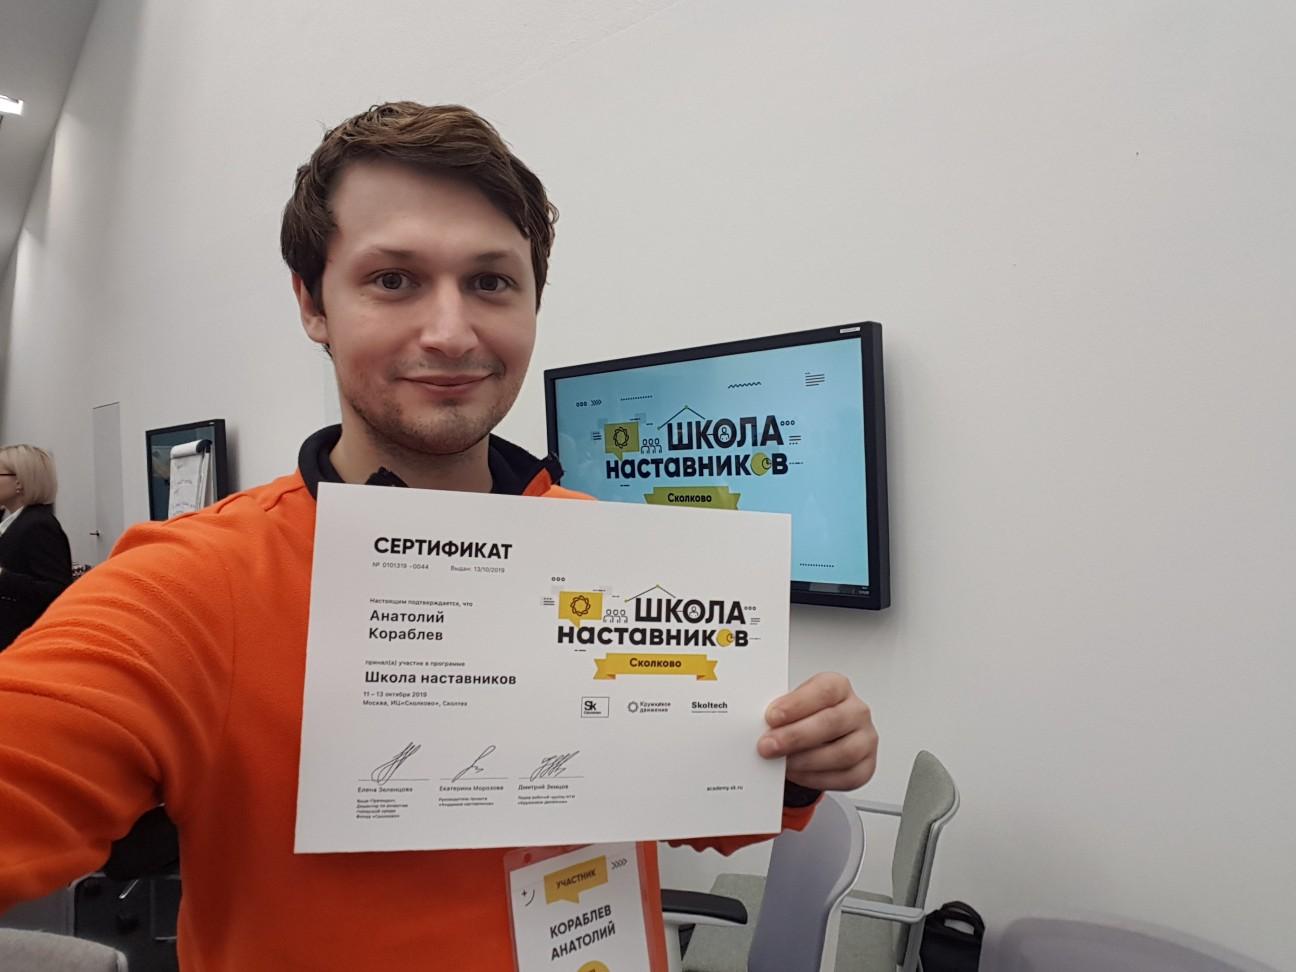 Генеральный директор Молодёжных инноваций принял участие в школе наставников Сколково